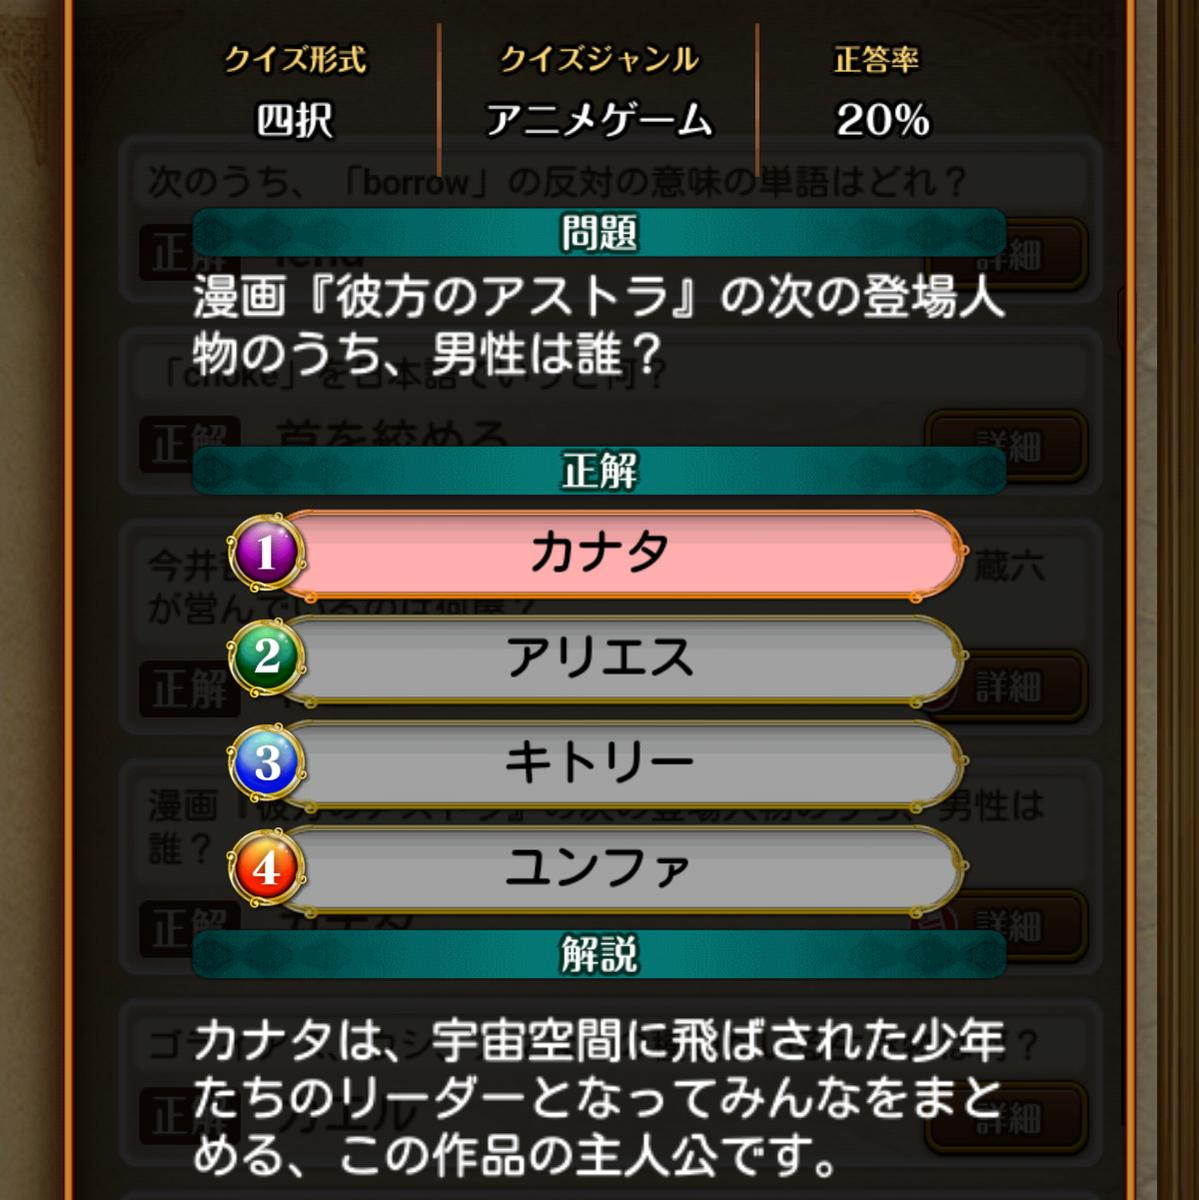 f:id:Tairax:20210619180442p:plain